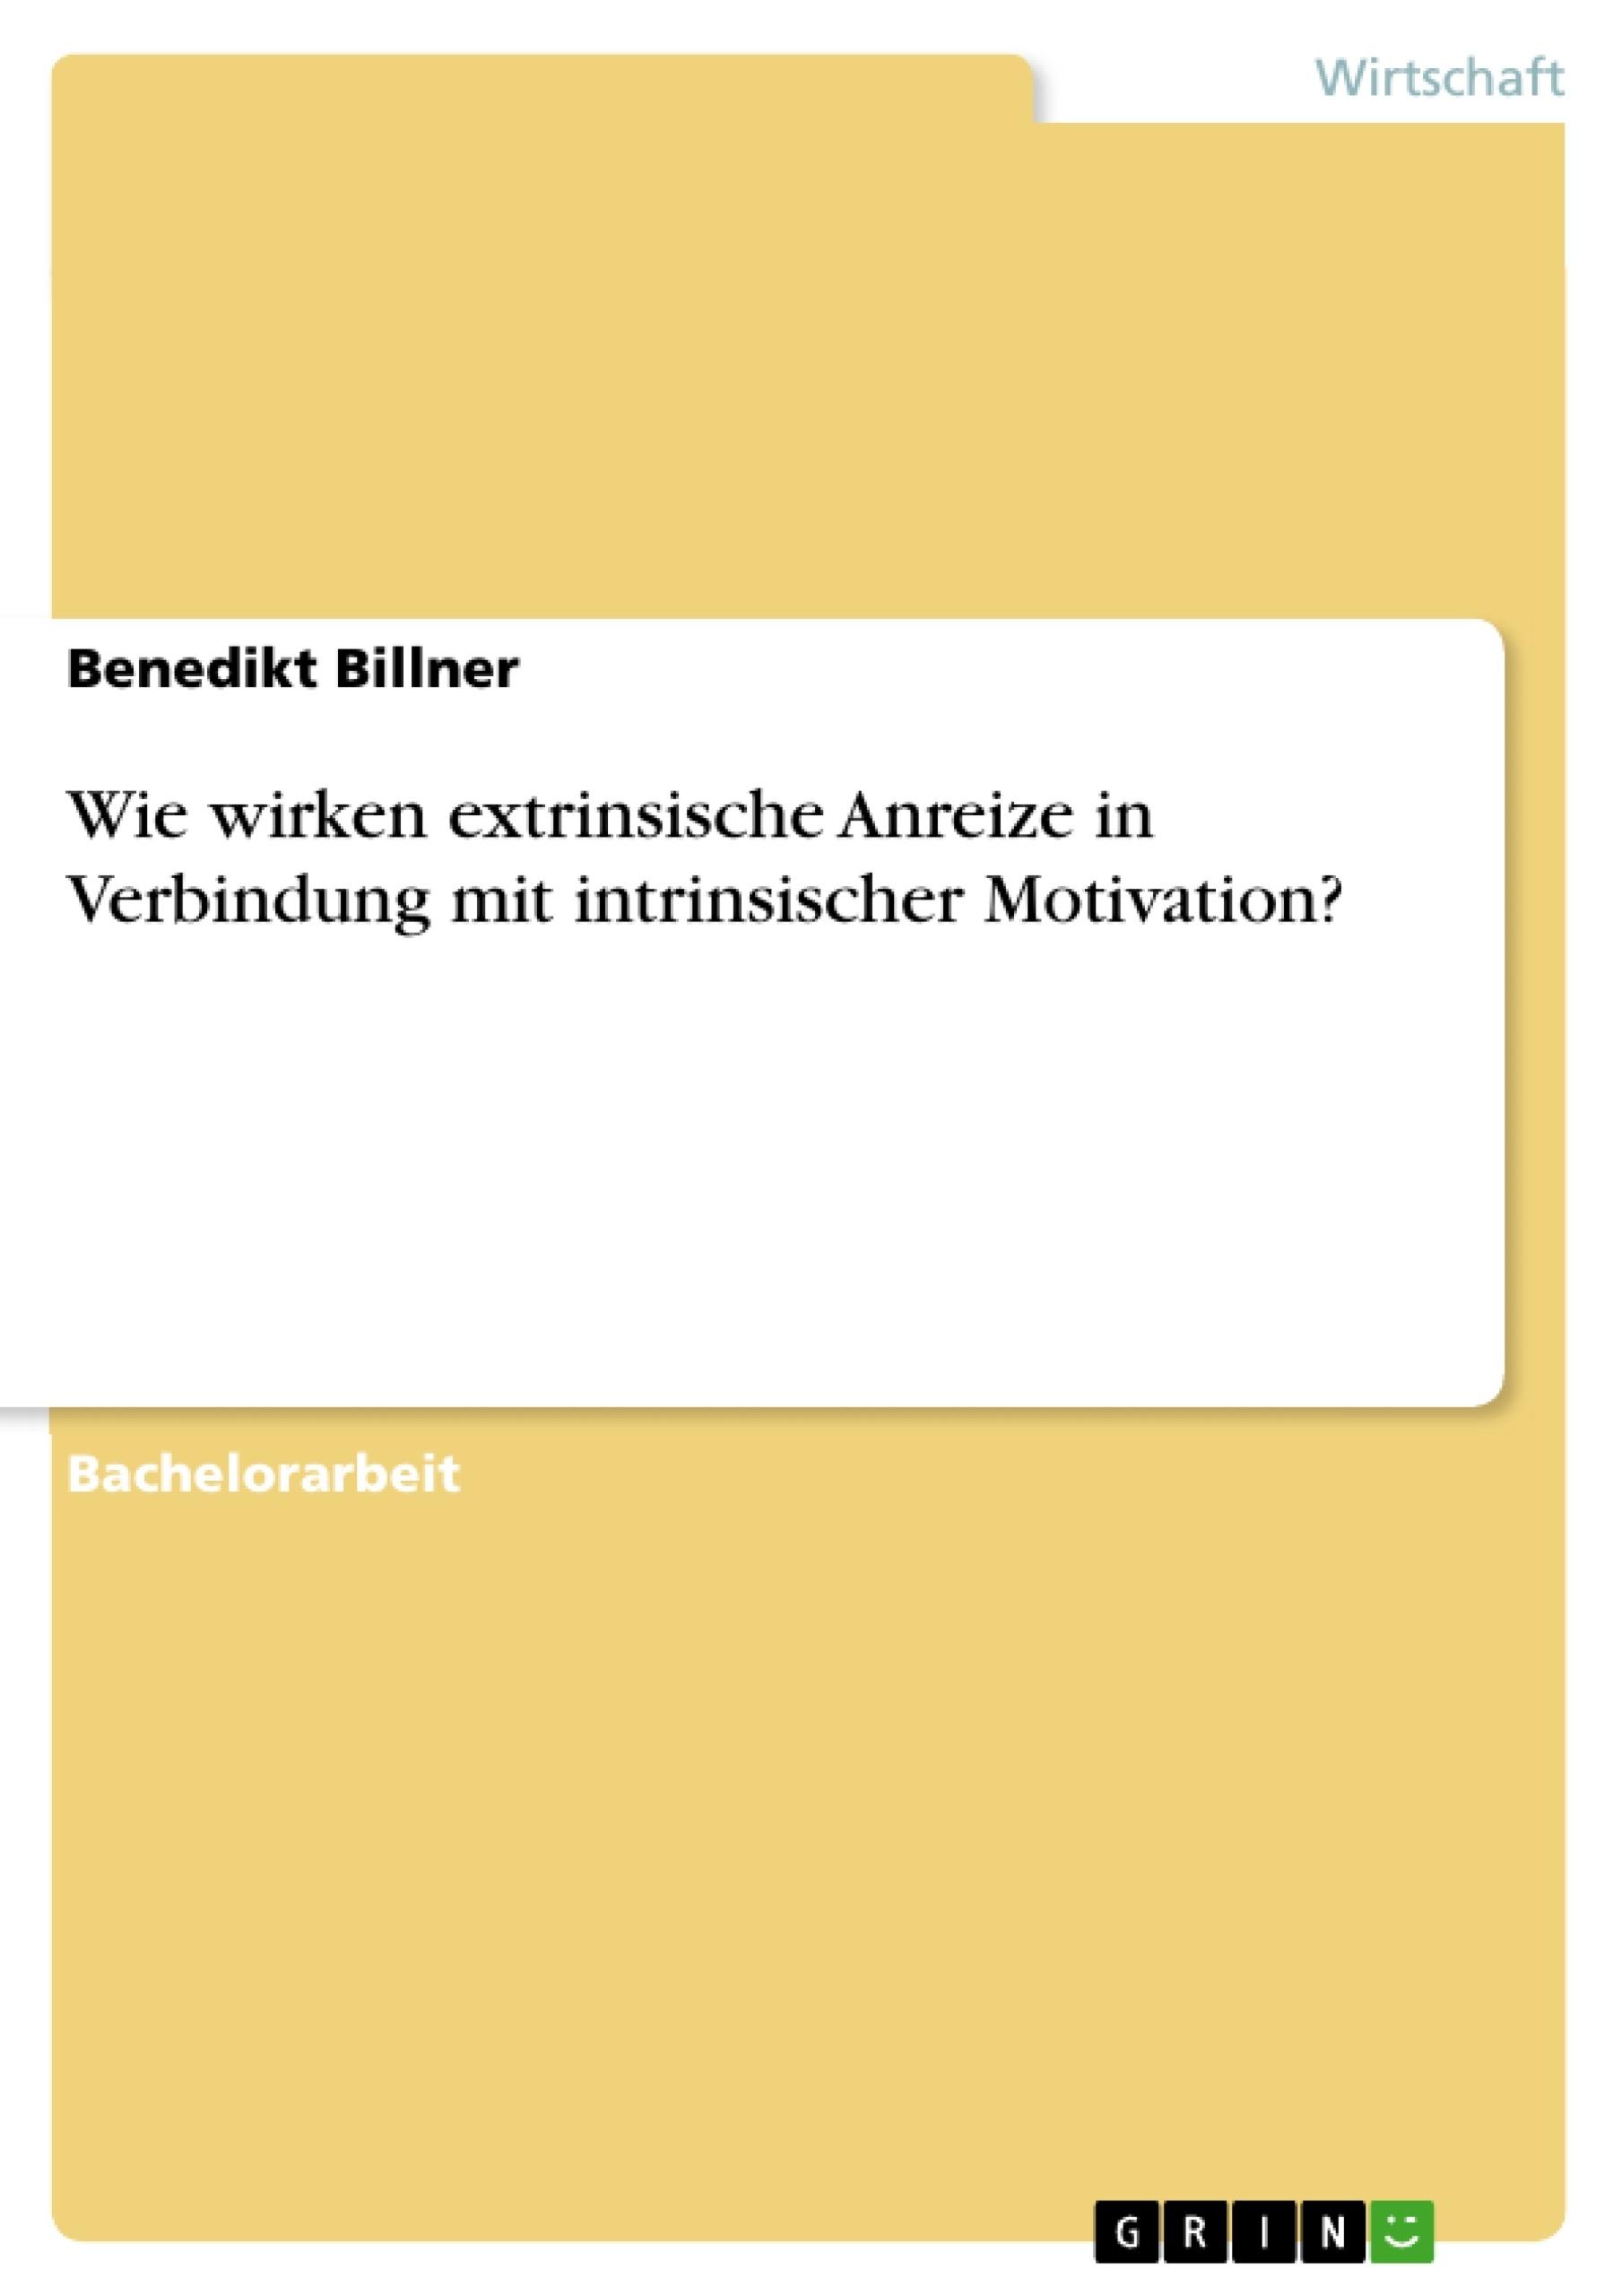 Titel: Wie wirken extrinsische Anreize in Verbindung mit intrinsischer Motivation?